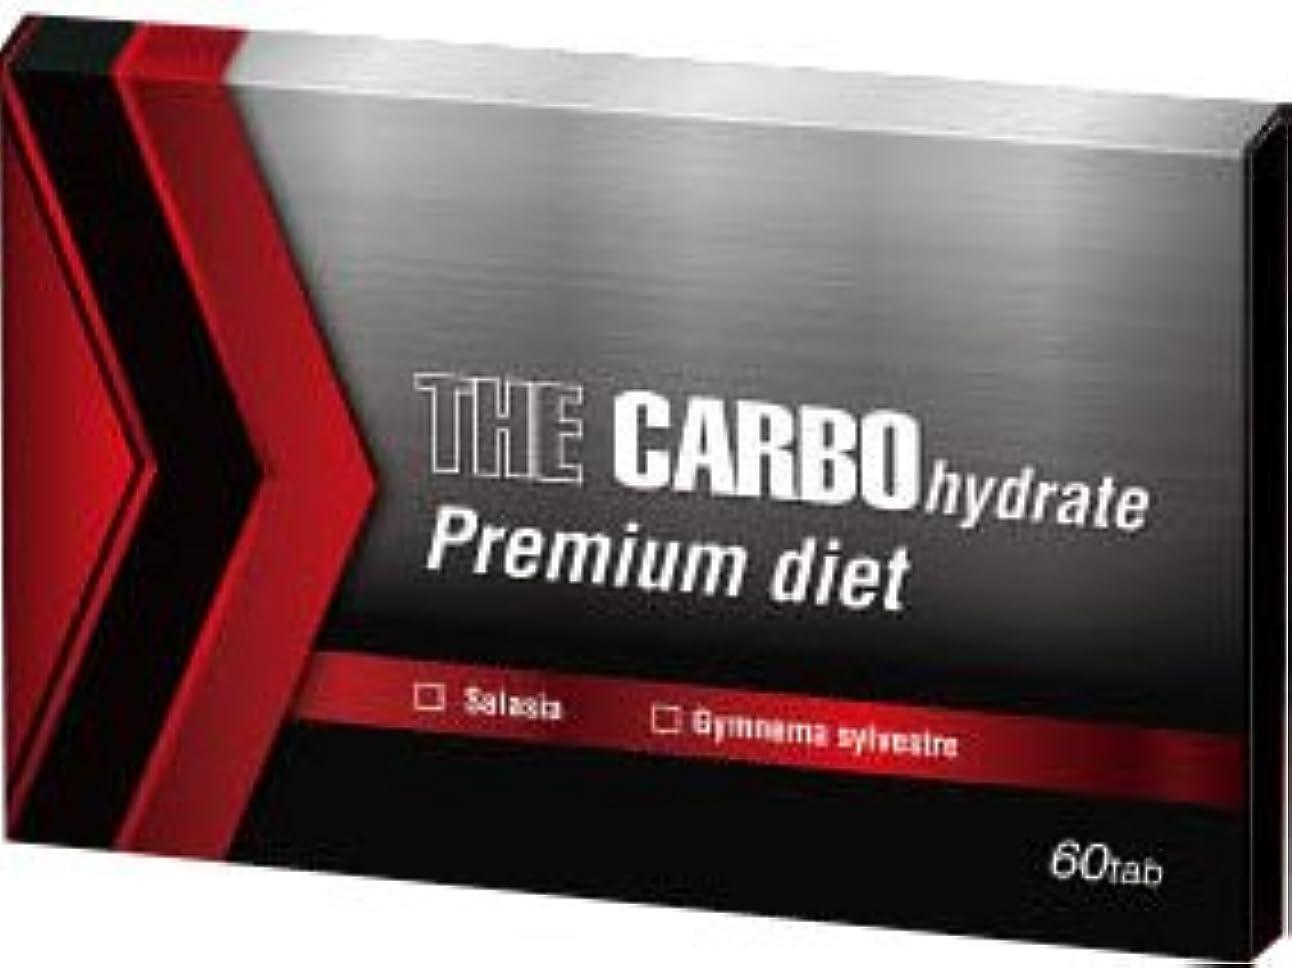 柔らかい足強打電池ザ・糖質プレミアムダイエット60Tab〔THE CARBO hydrate Premium daiet〕